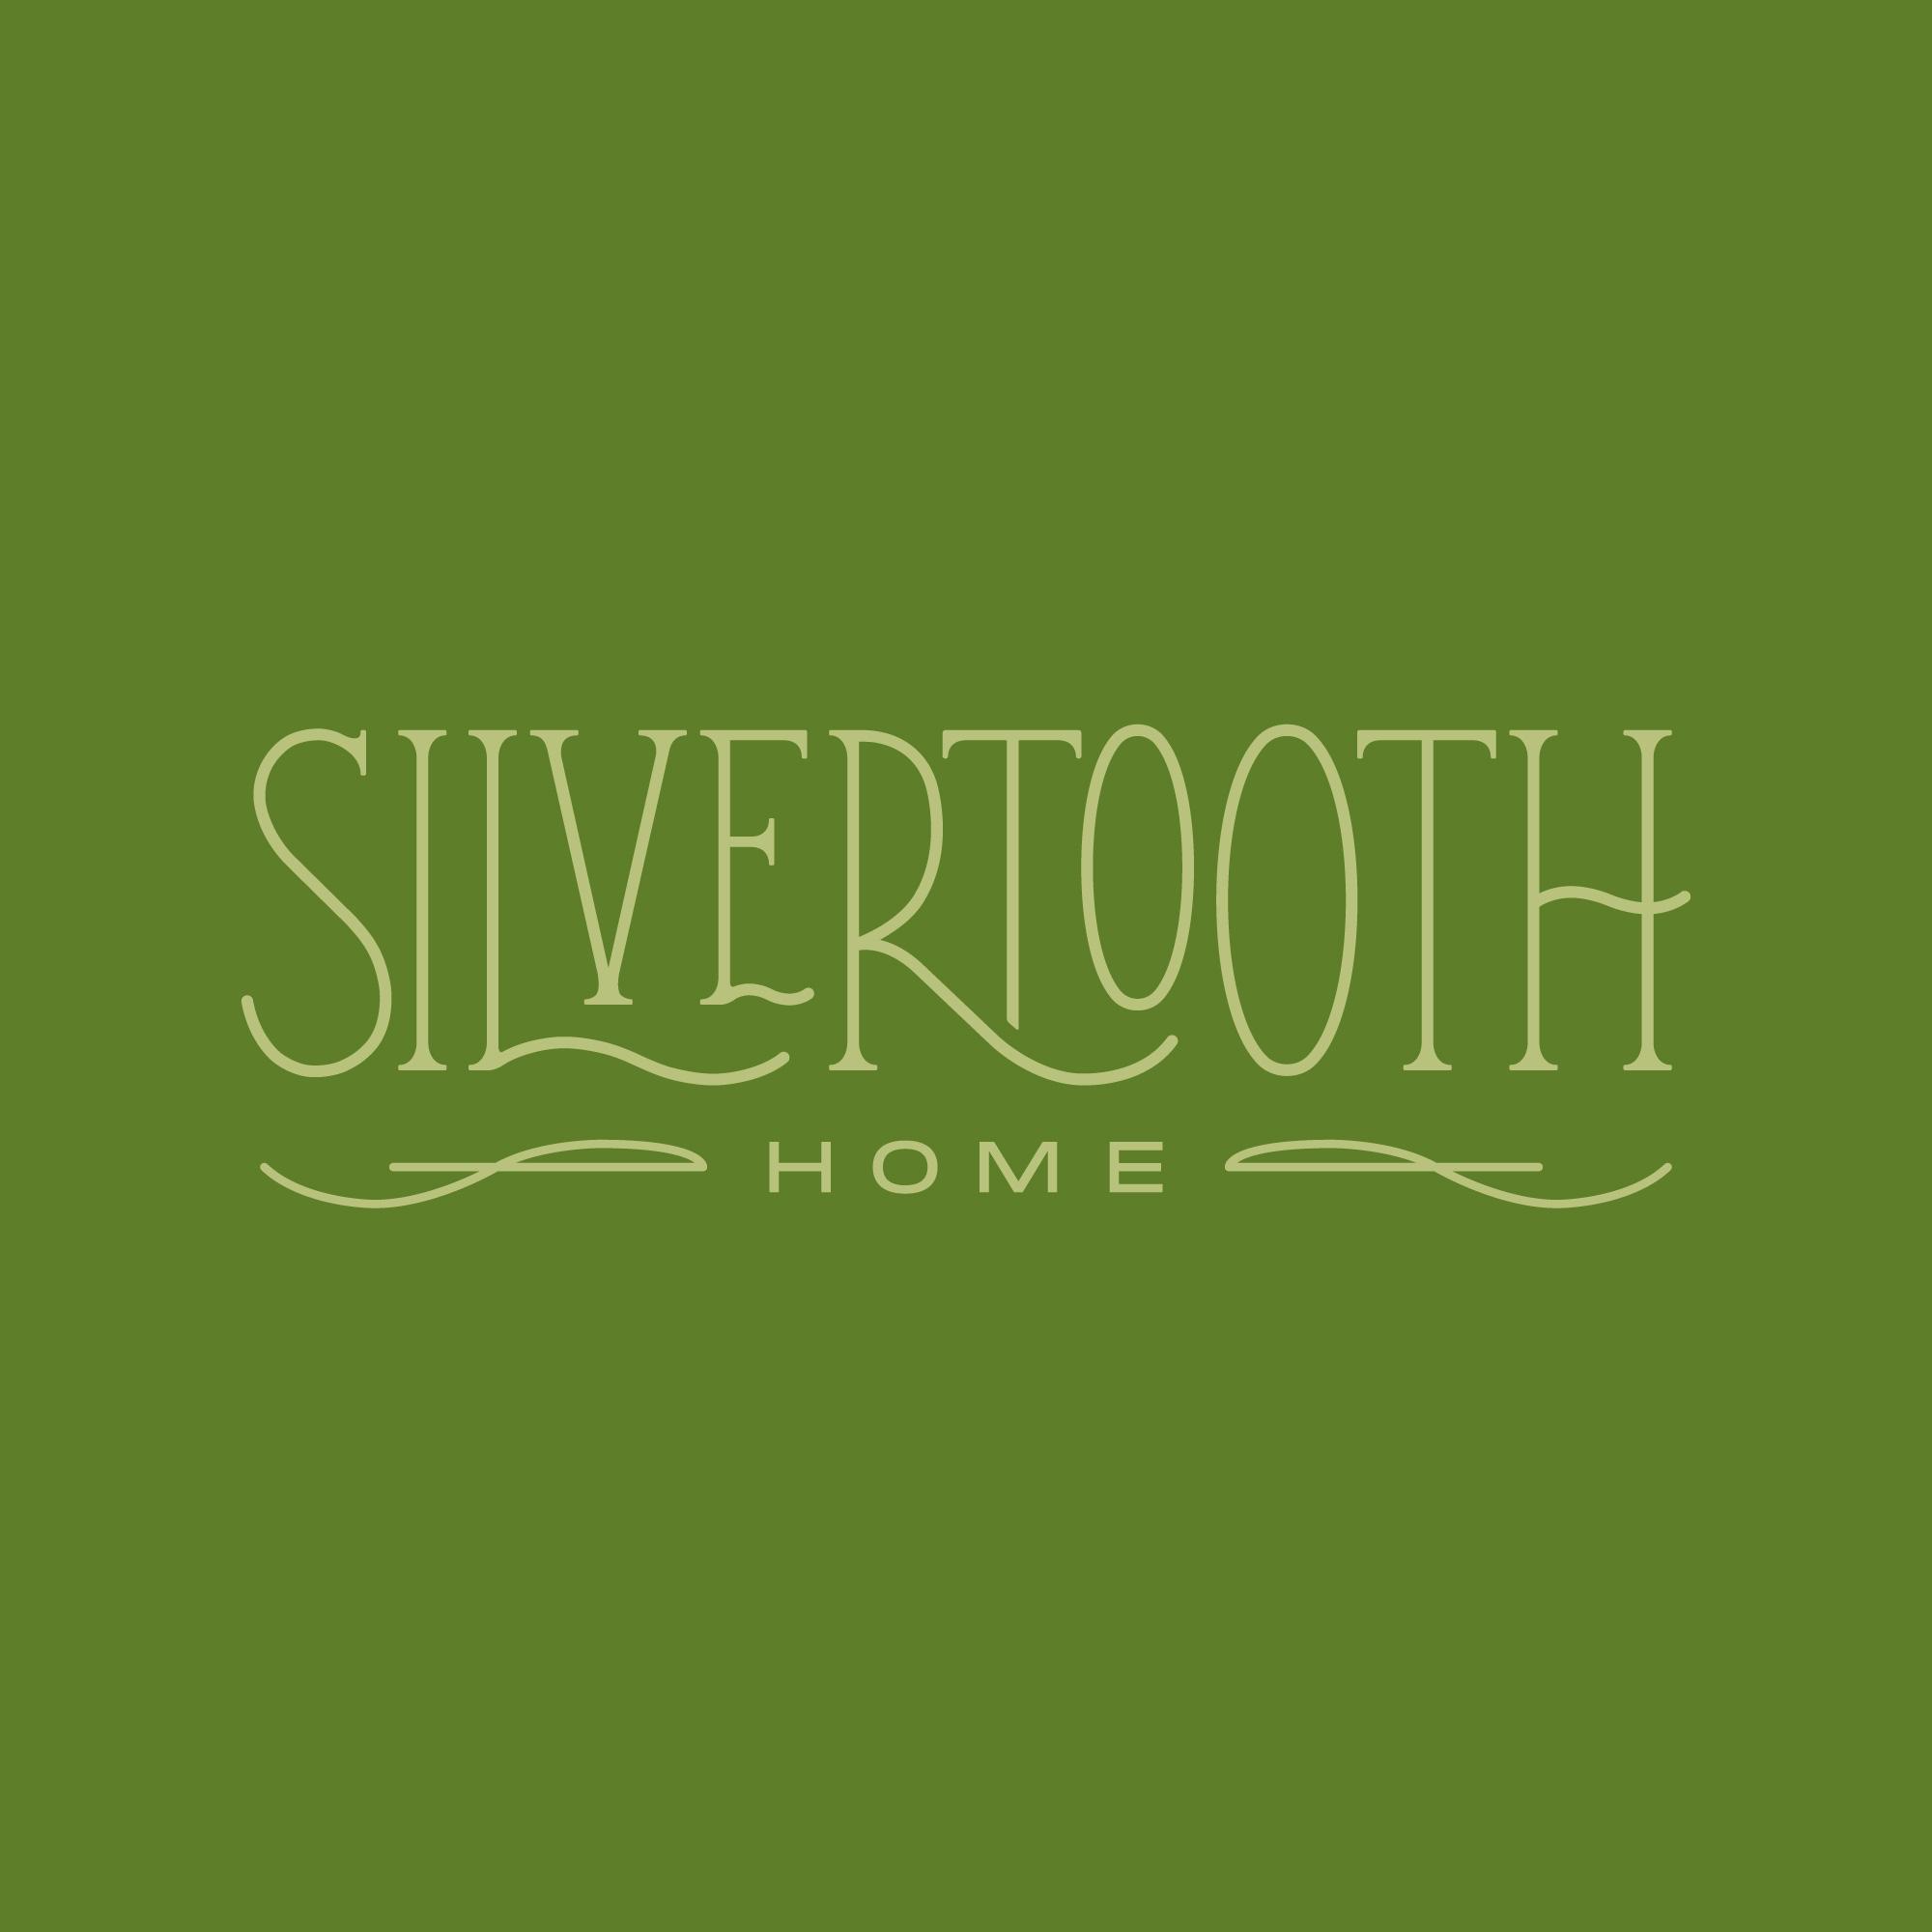 Silvertooth-Home_Logo_Social_Final-2